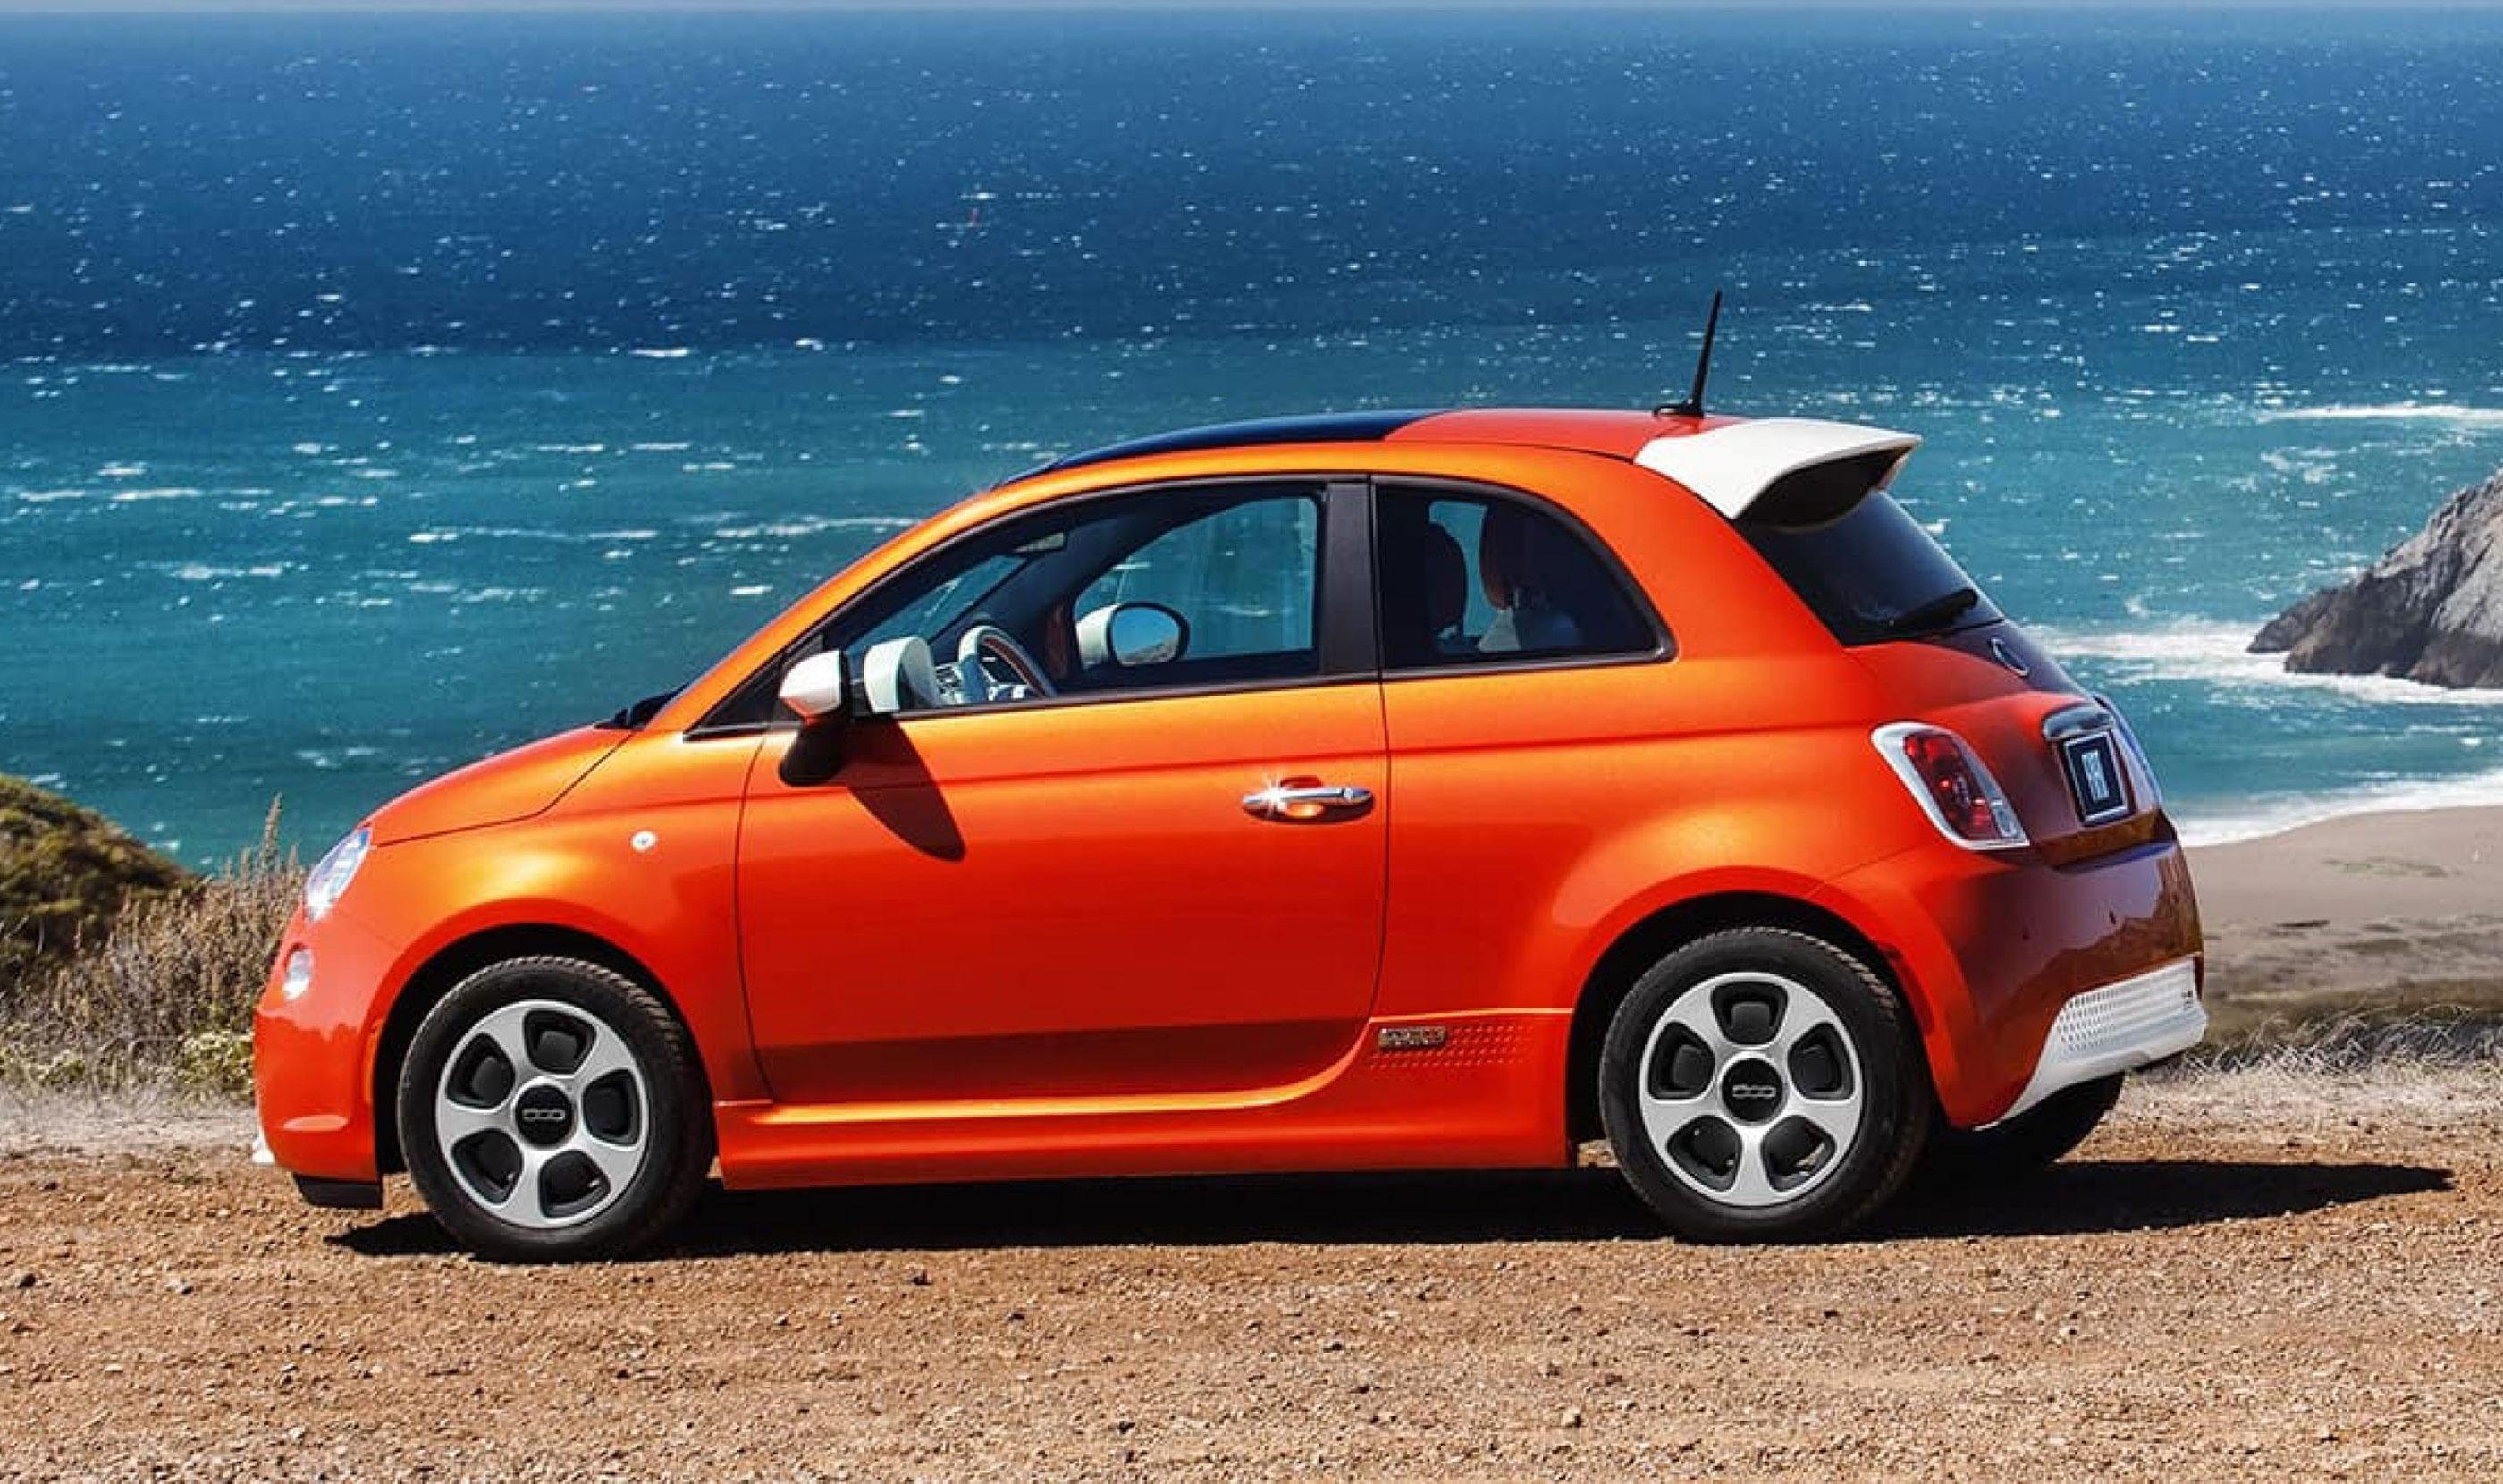 Fiat 500e on the beach